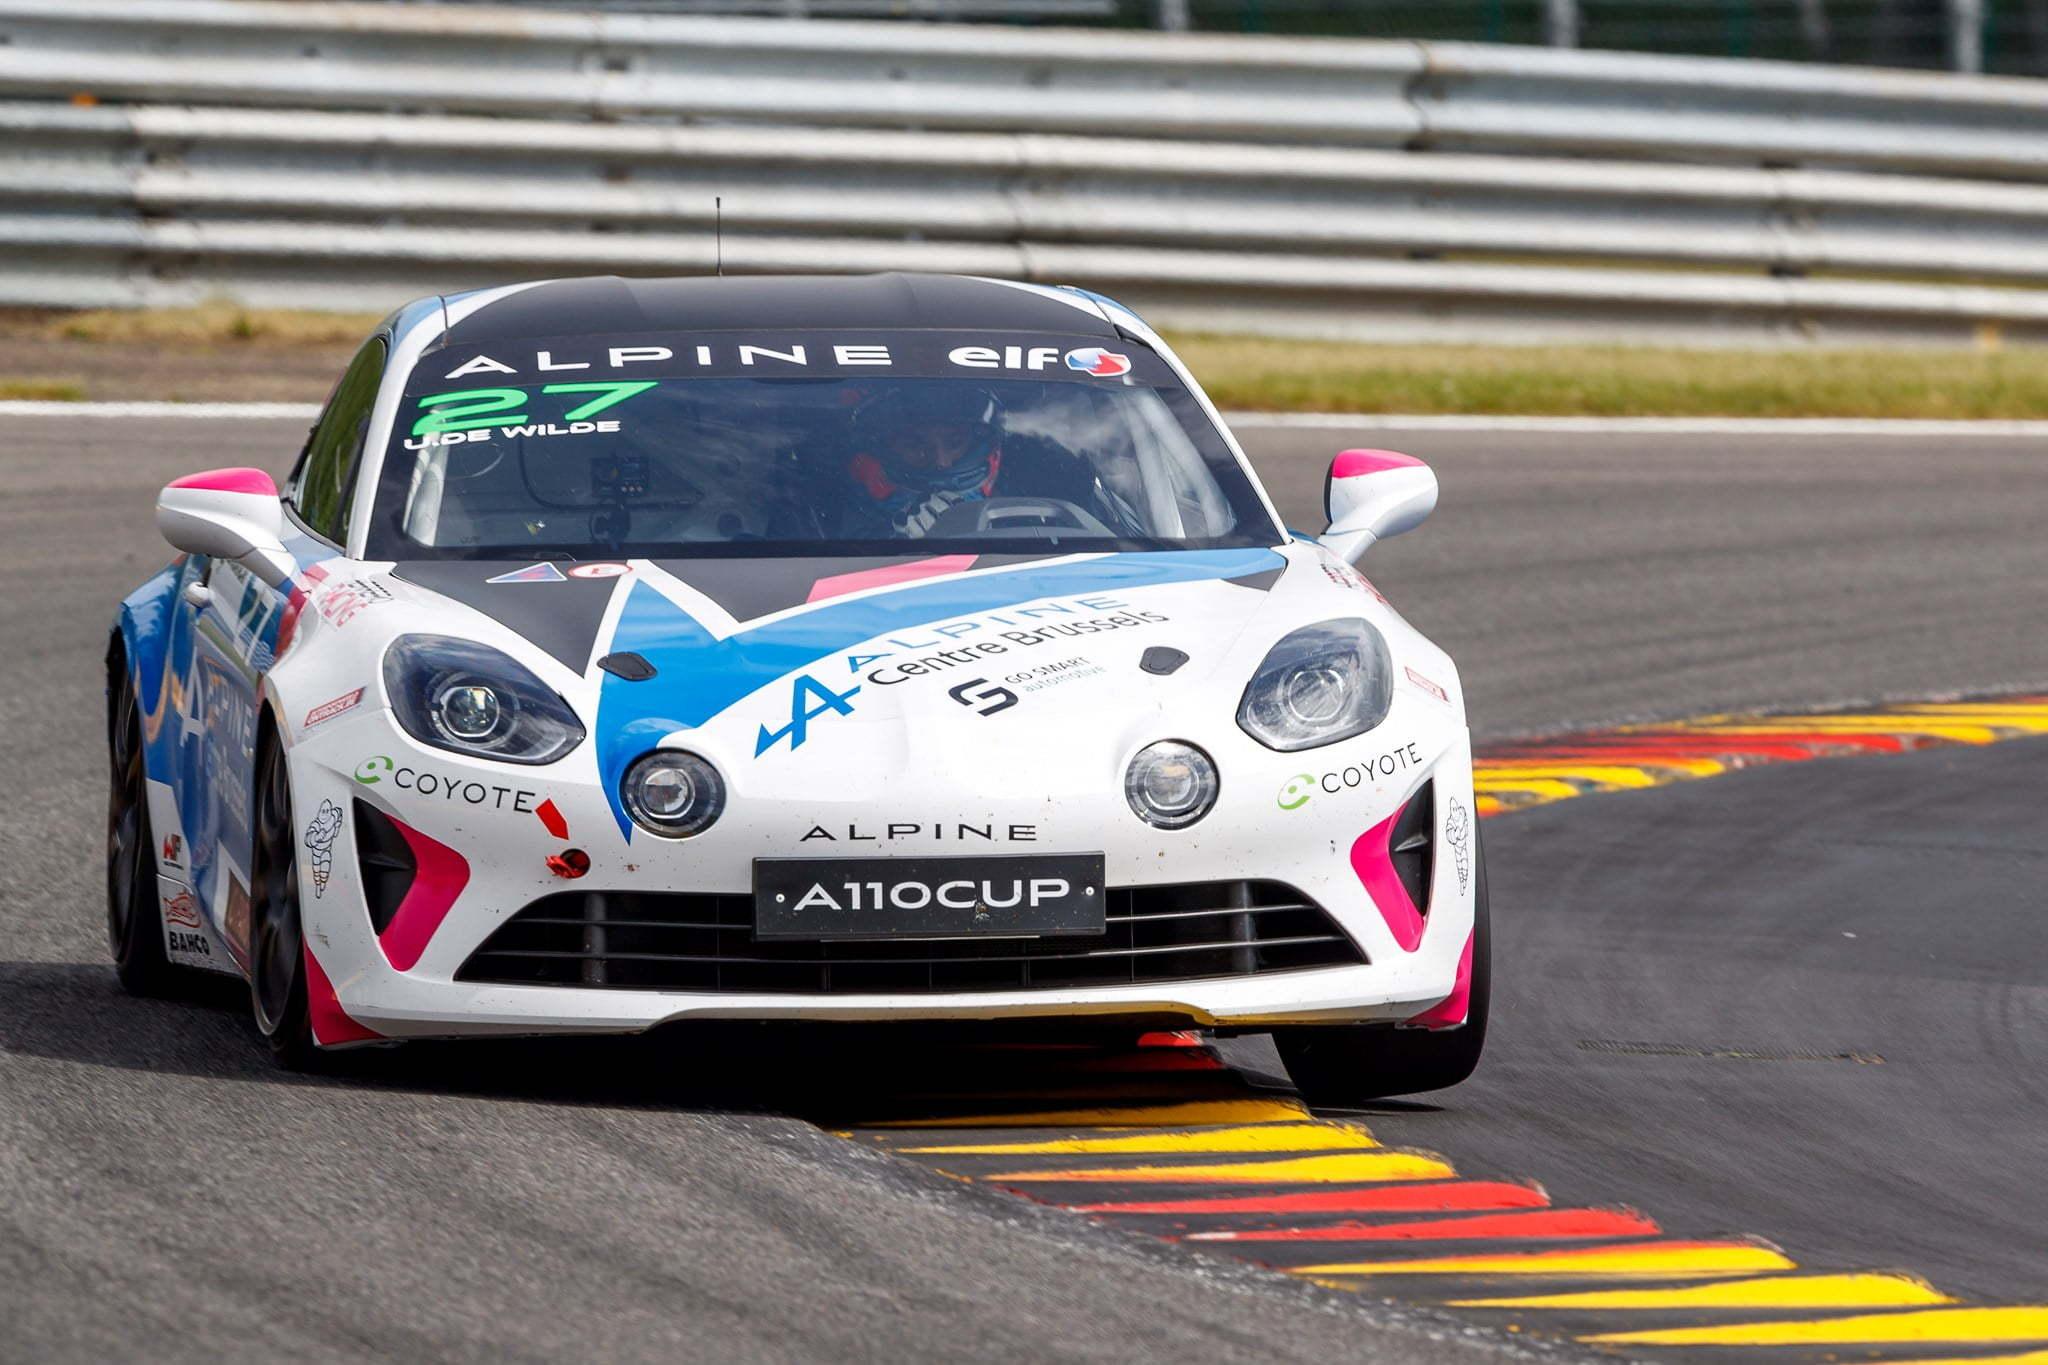 Alpine Elf Europa Cup Spa Francorchamps 2021 12 | Alpine Elf Europa Cup 2021 : Laurent Hurgon et Dani clos victorieux à Spa-Francorchamps